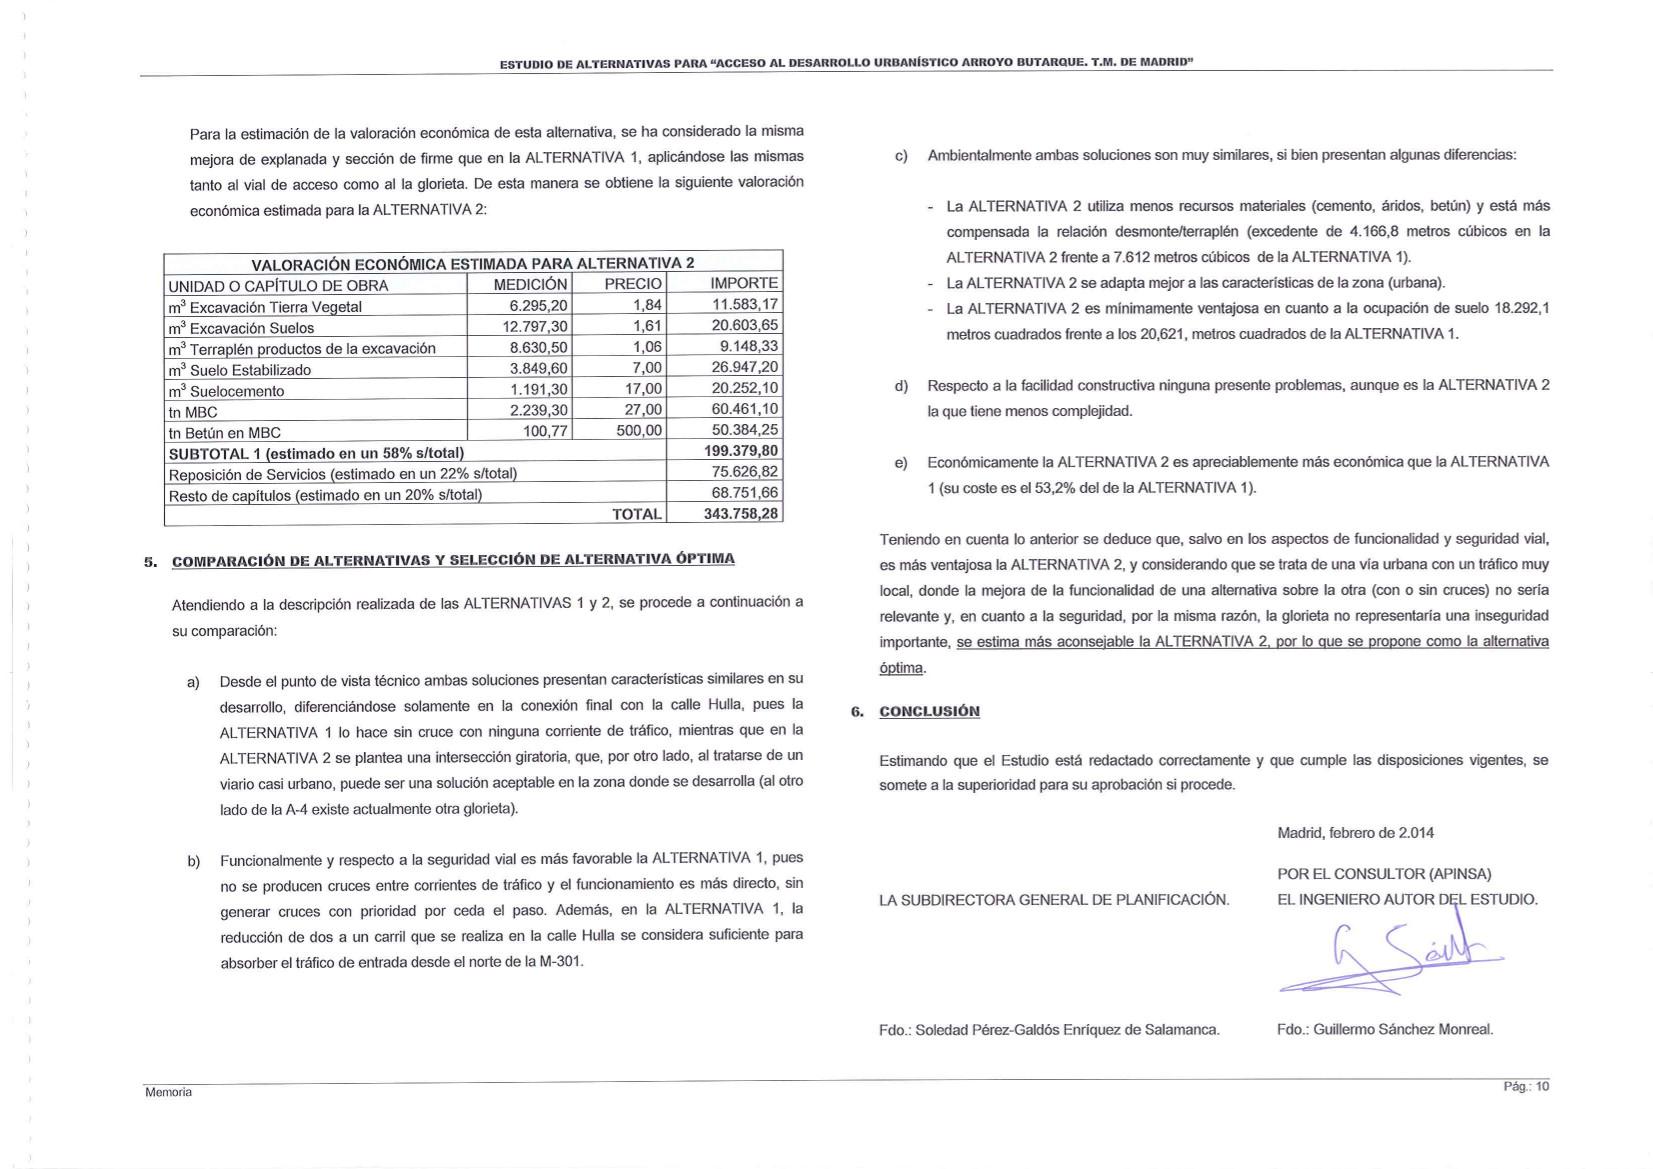 20140200_Estudio_alternativas_accesos_carretera_Butarque_CM_11.jpg